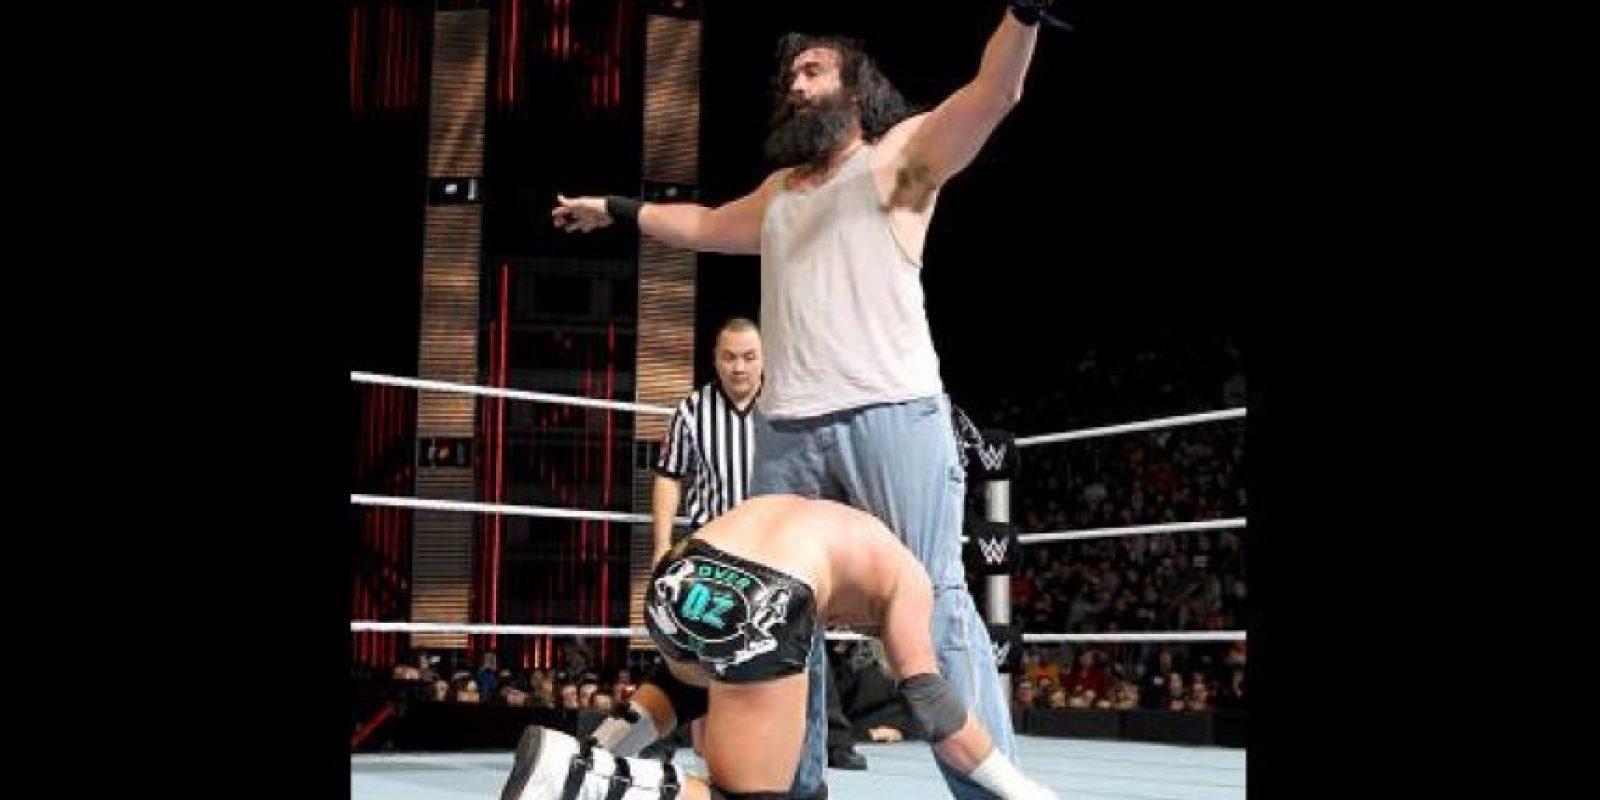 El actual campeón Intercontinental no es un joven: tiene 34 años Foto:WWE